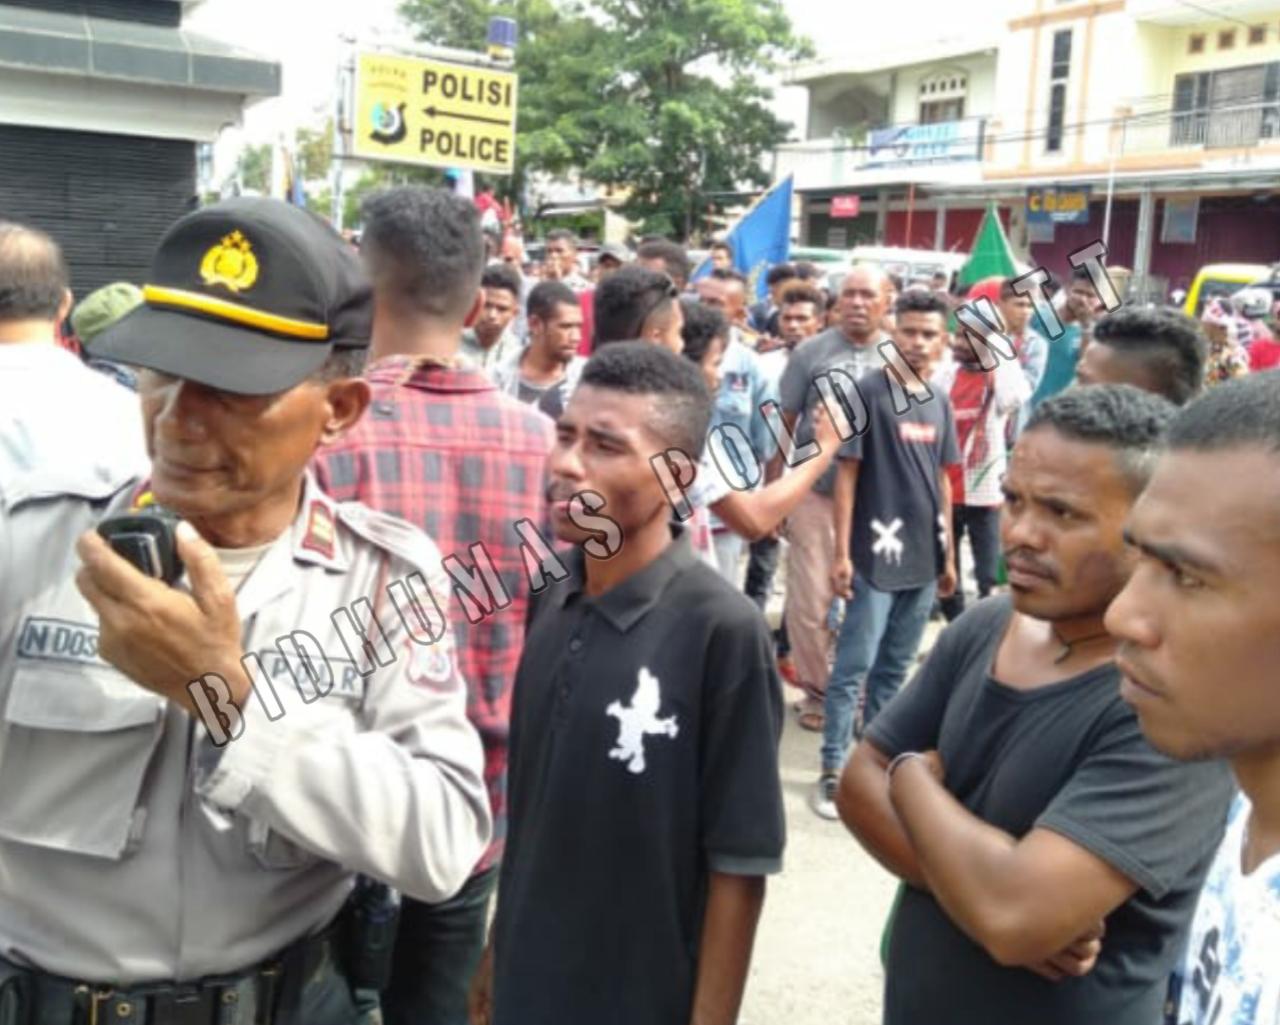 Personel Polres Kupang Kota Diterjunkan lakukan Pengamanan dan Pengawalan Aksi Damai dari Aliansi Peduli Kemanusiaan